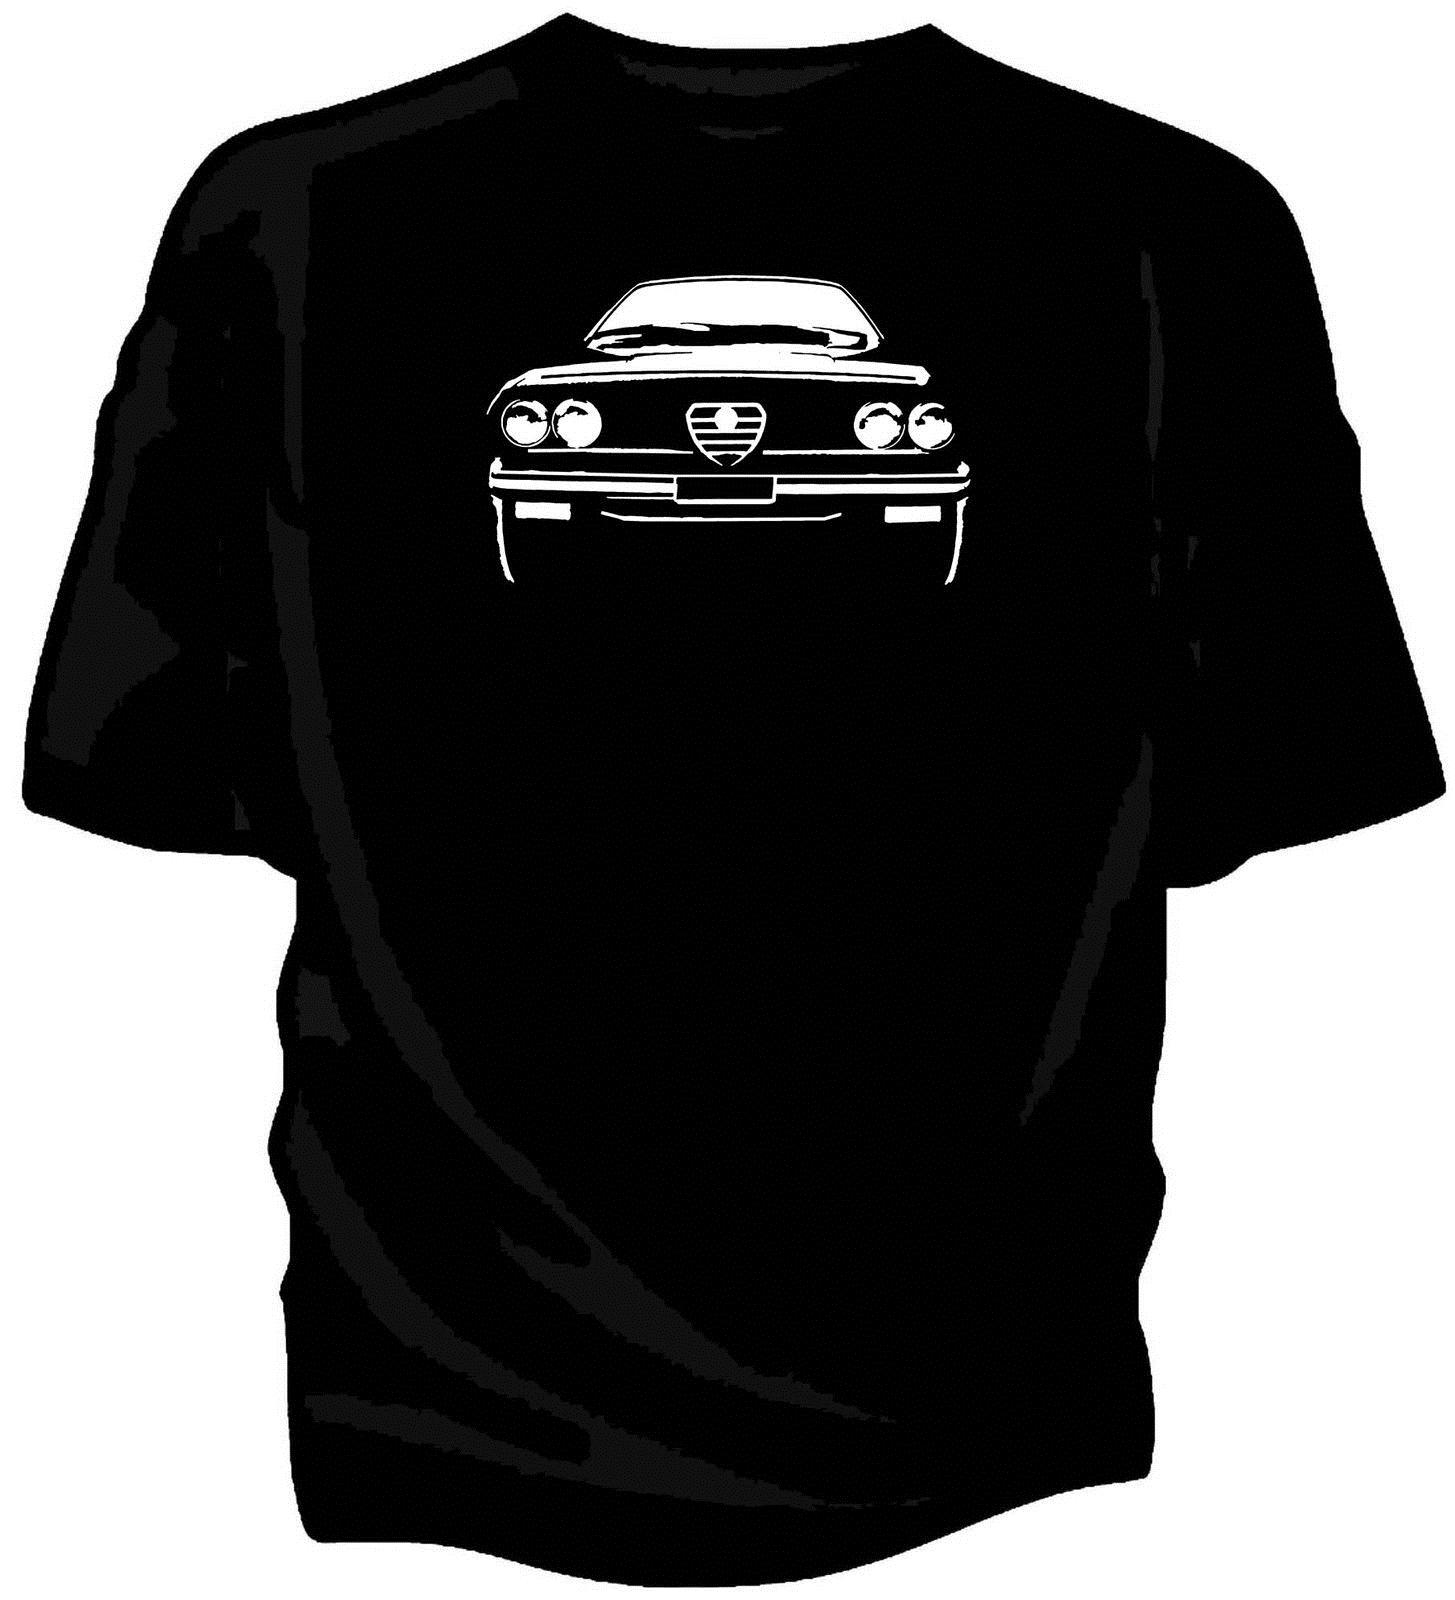 Nuevo estilo del verano Impreso algodón del cuello de O Tee Shirts Los aficionados italiana Classic Car GTV6 - Ilustraciones originales del bosquejo divertido de algodón de la camiseta